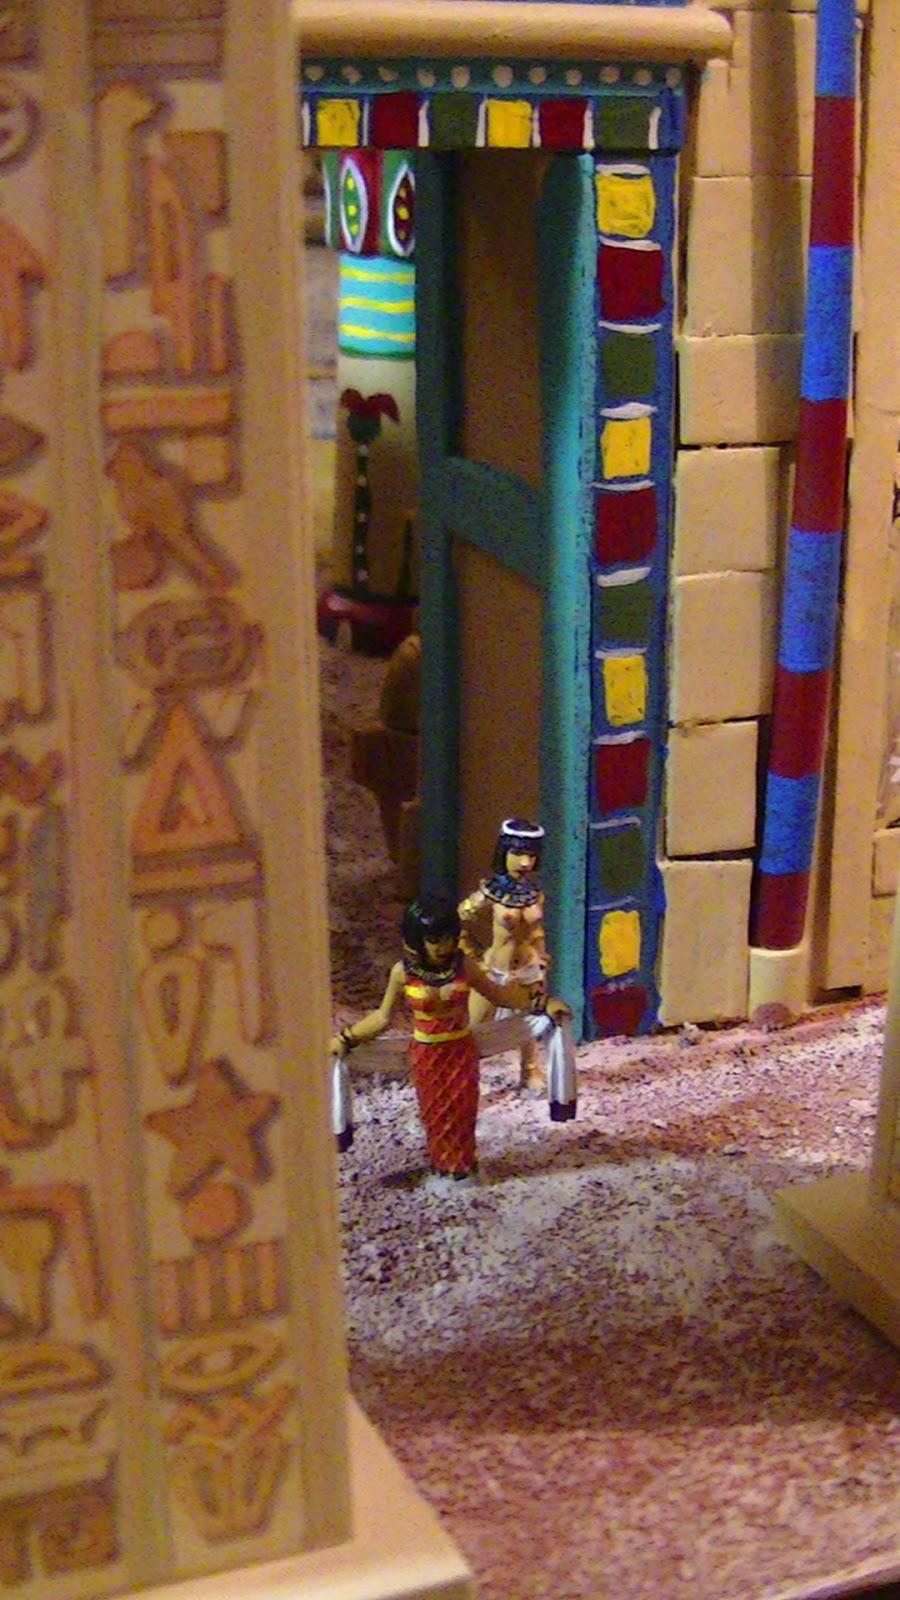 [WIP] Fabrication d'un second bâtiment égyptien du nouvel empire PIC_4743